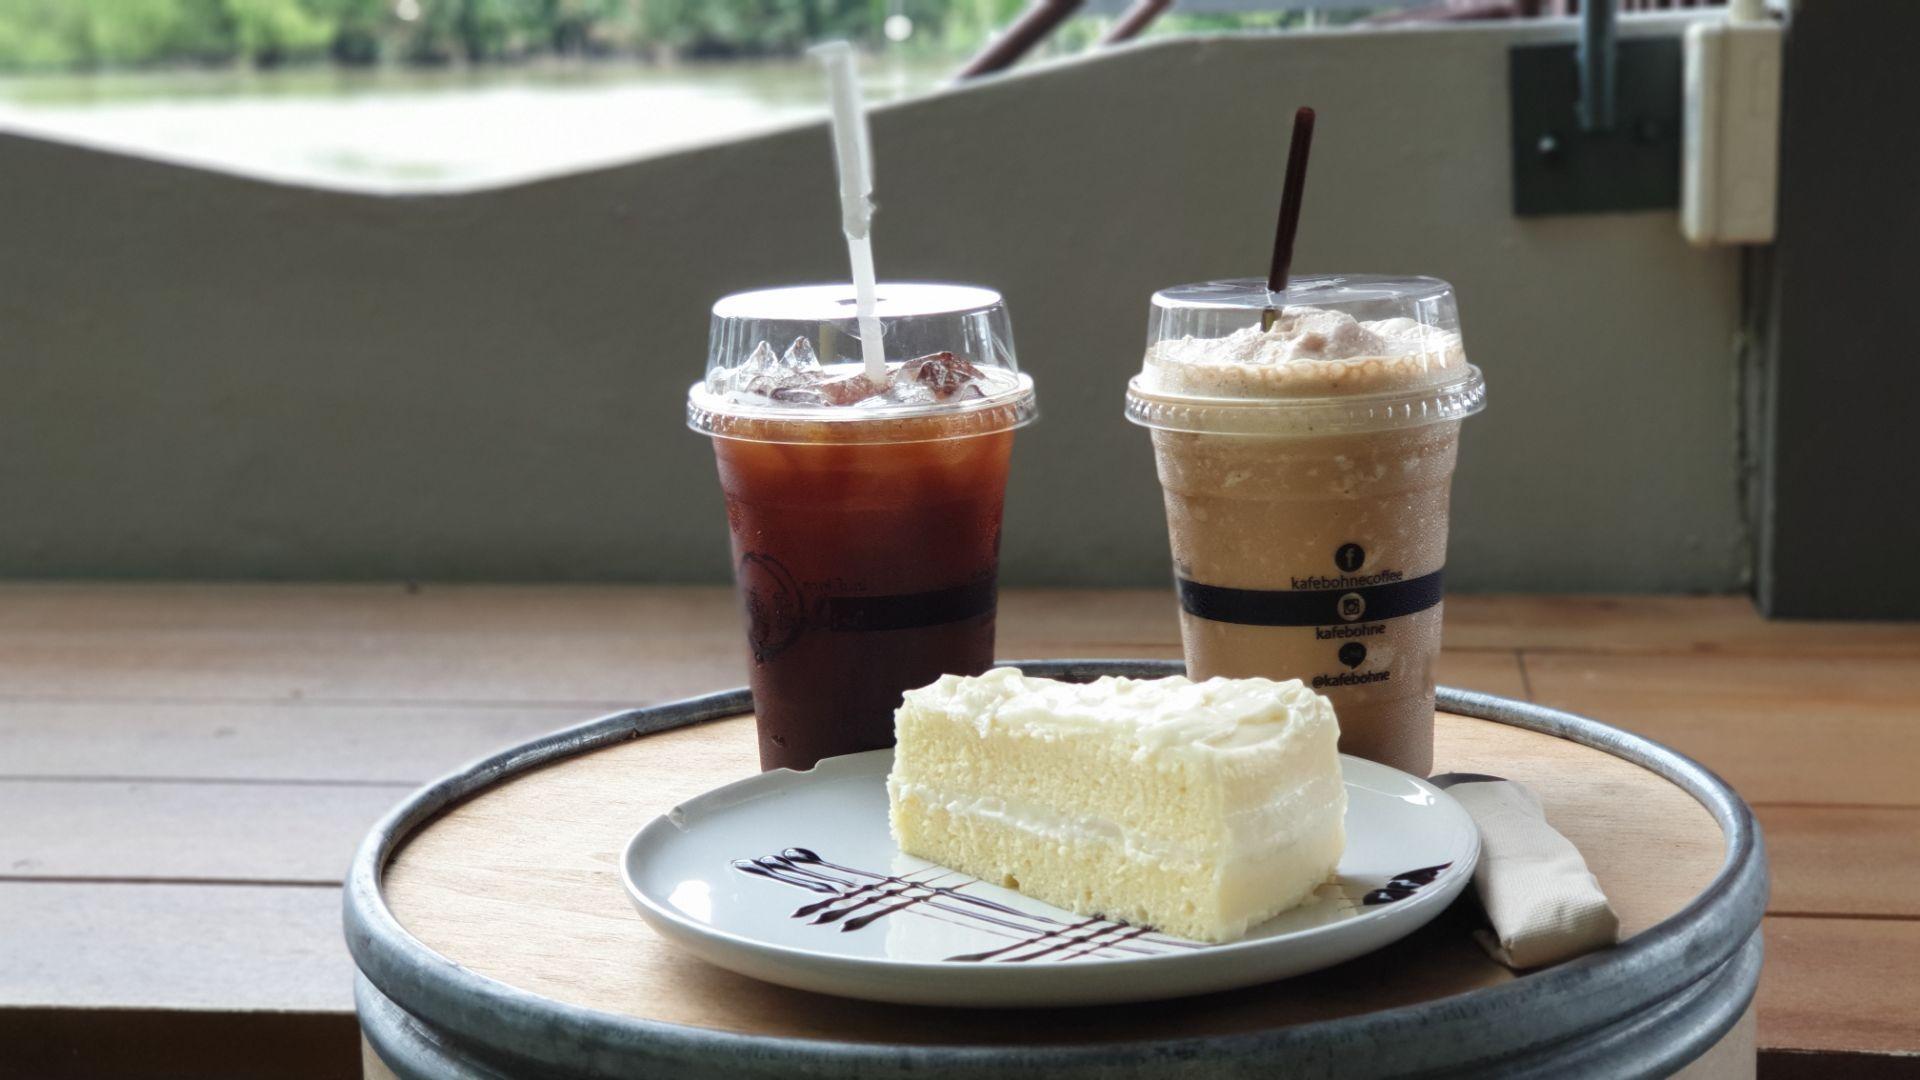 Kafe Bohne